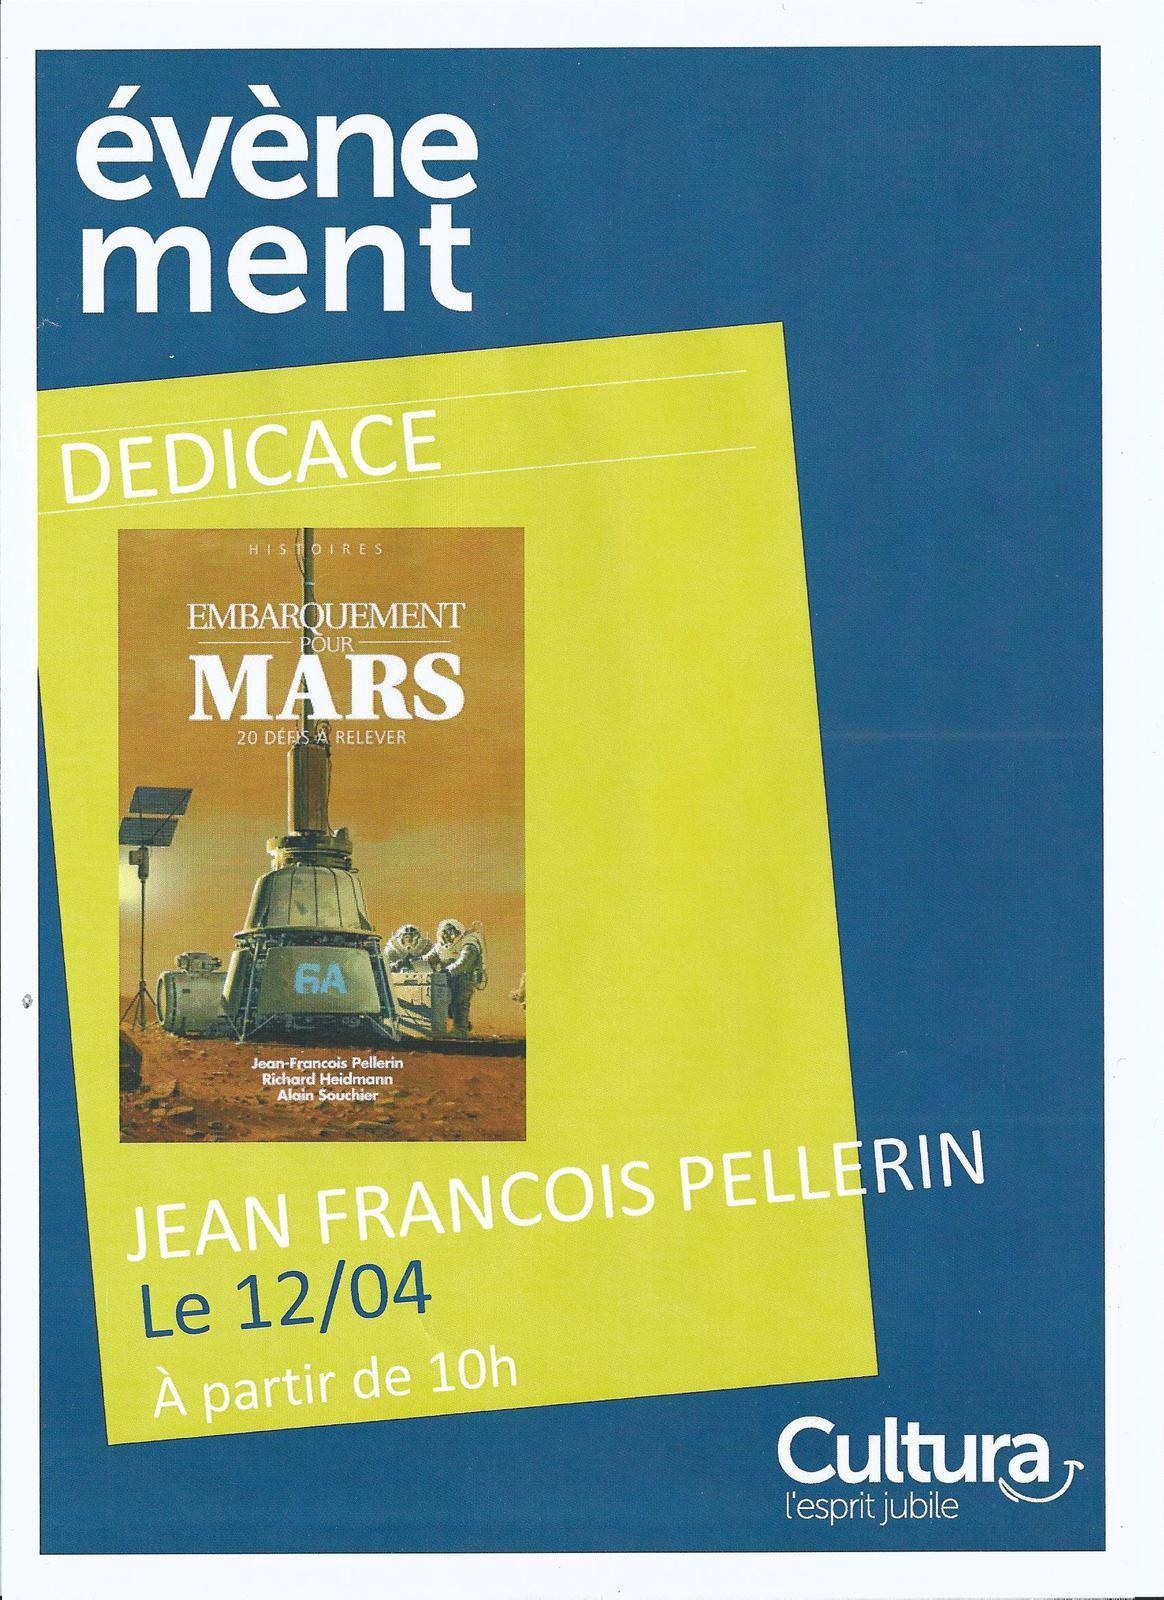 Jean-François PELLERIN a dédicacé l'ouvrage 'EMBARQUEMENT POUR MARS' &amp&#x3B; 'AVENTURES DANS L'ESPACE' à CULTURA Carré Sénart le 12 avril 2014, le jour anniversaire du premier vol du cosmonaute Youri Gagarine (12/04/1961)